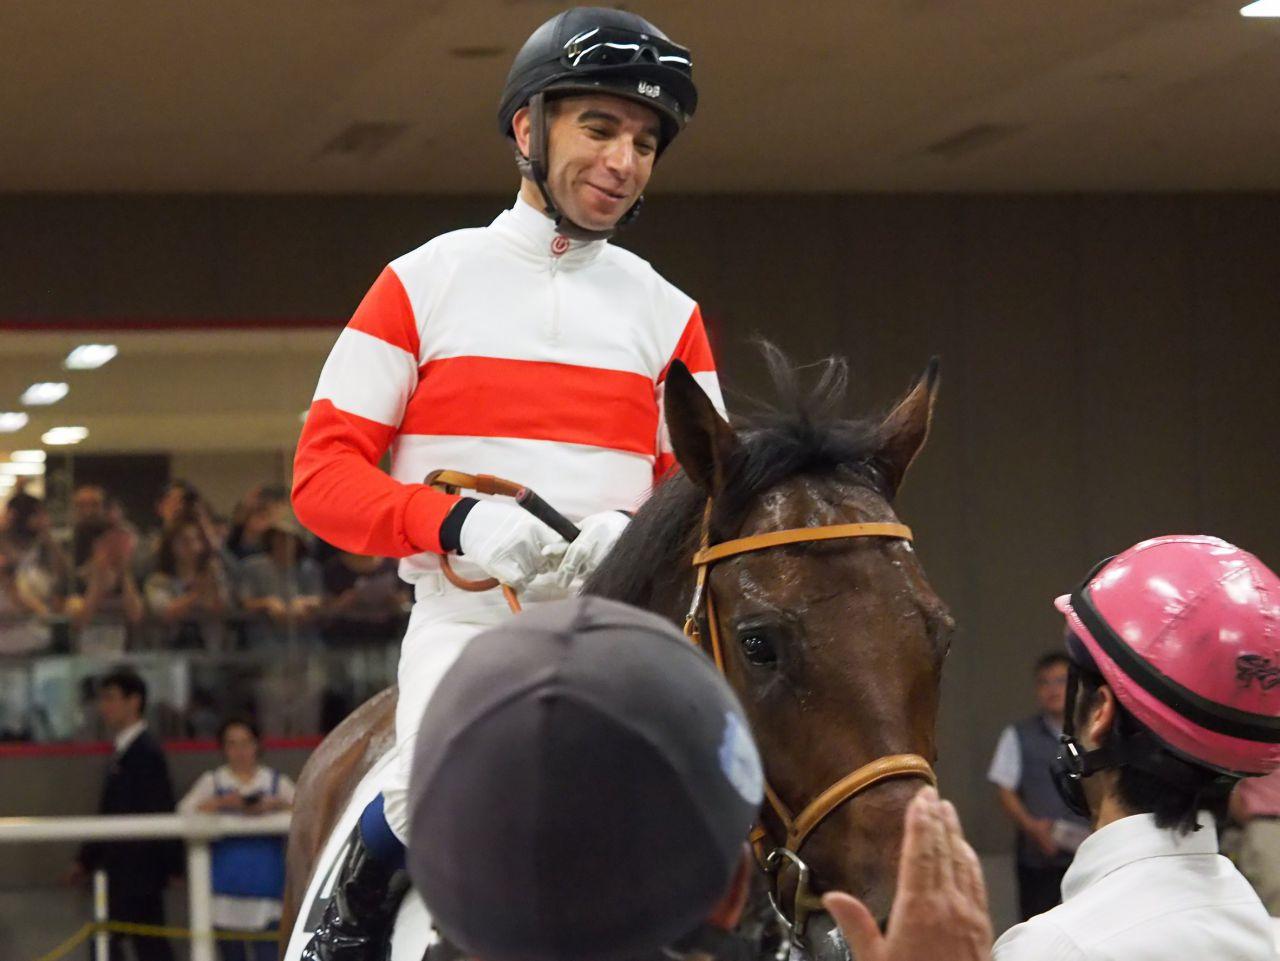 【東京/2歳新馬】モレイラ「プロフェッショナルな馬」ダノンラスターがデビュー戦快勝